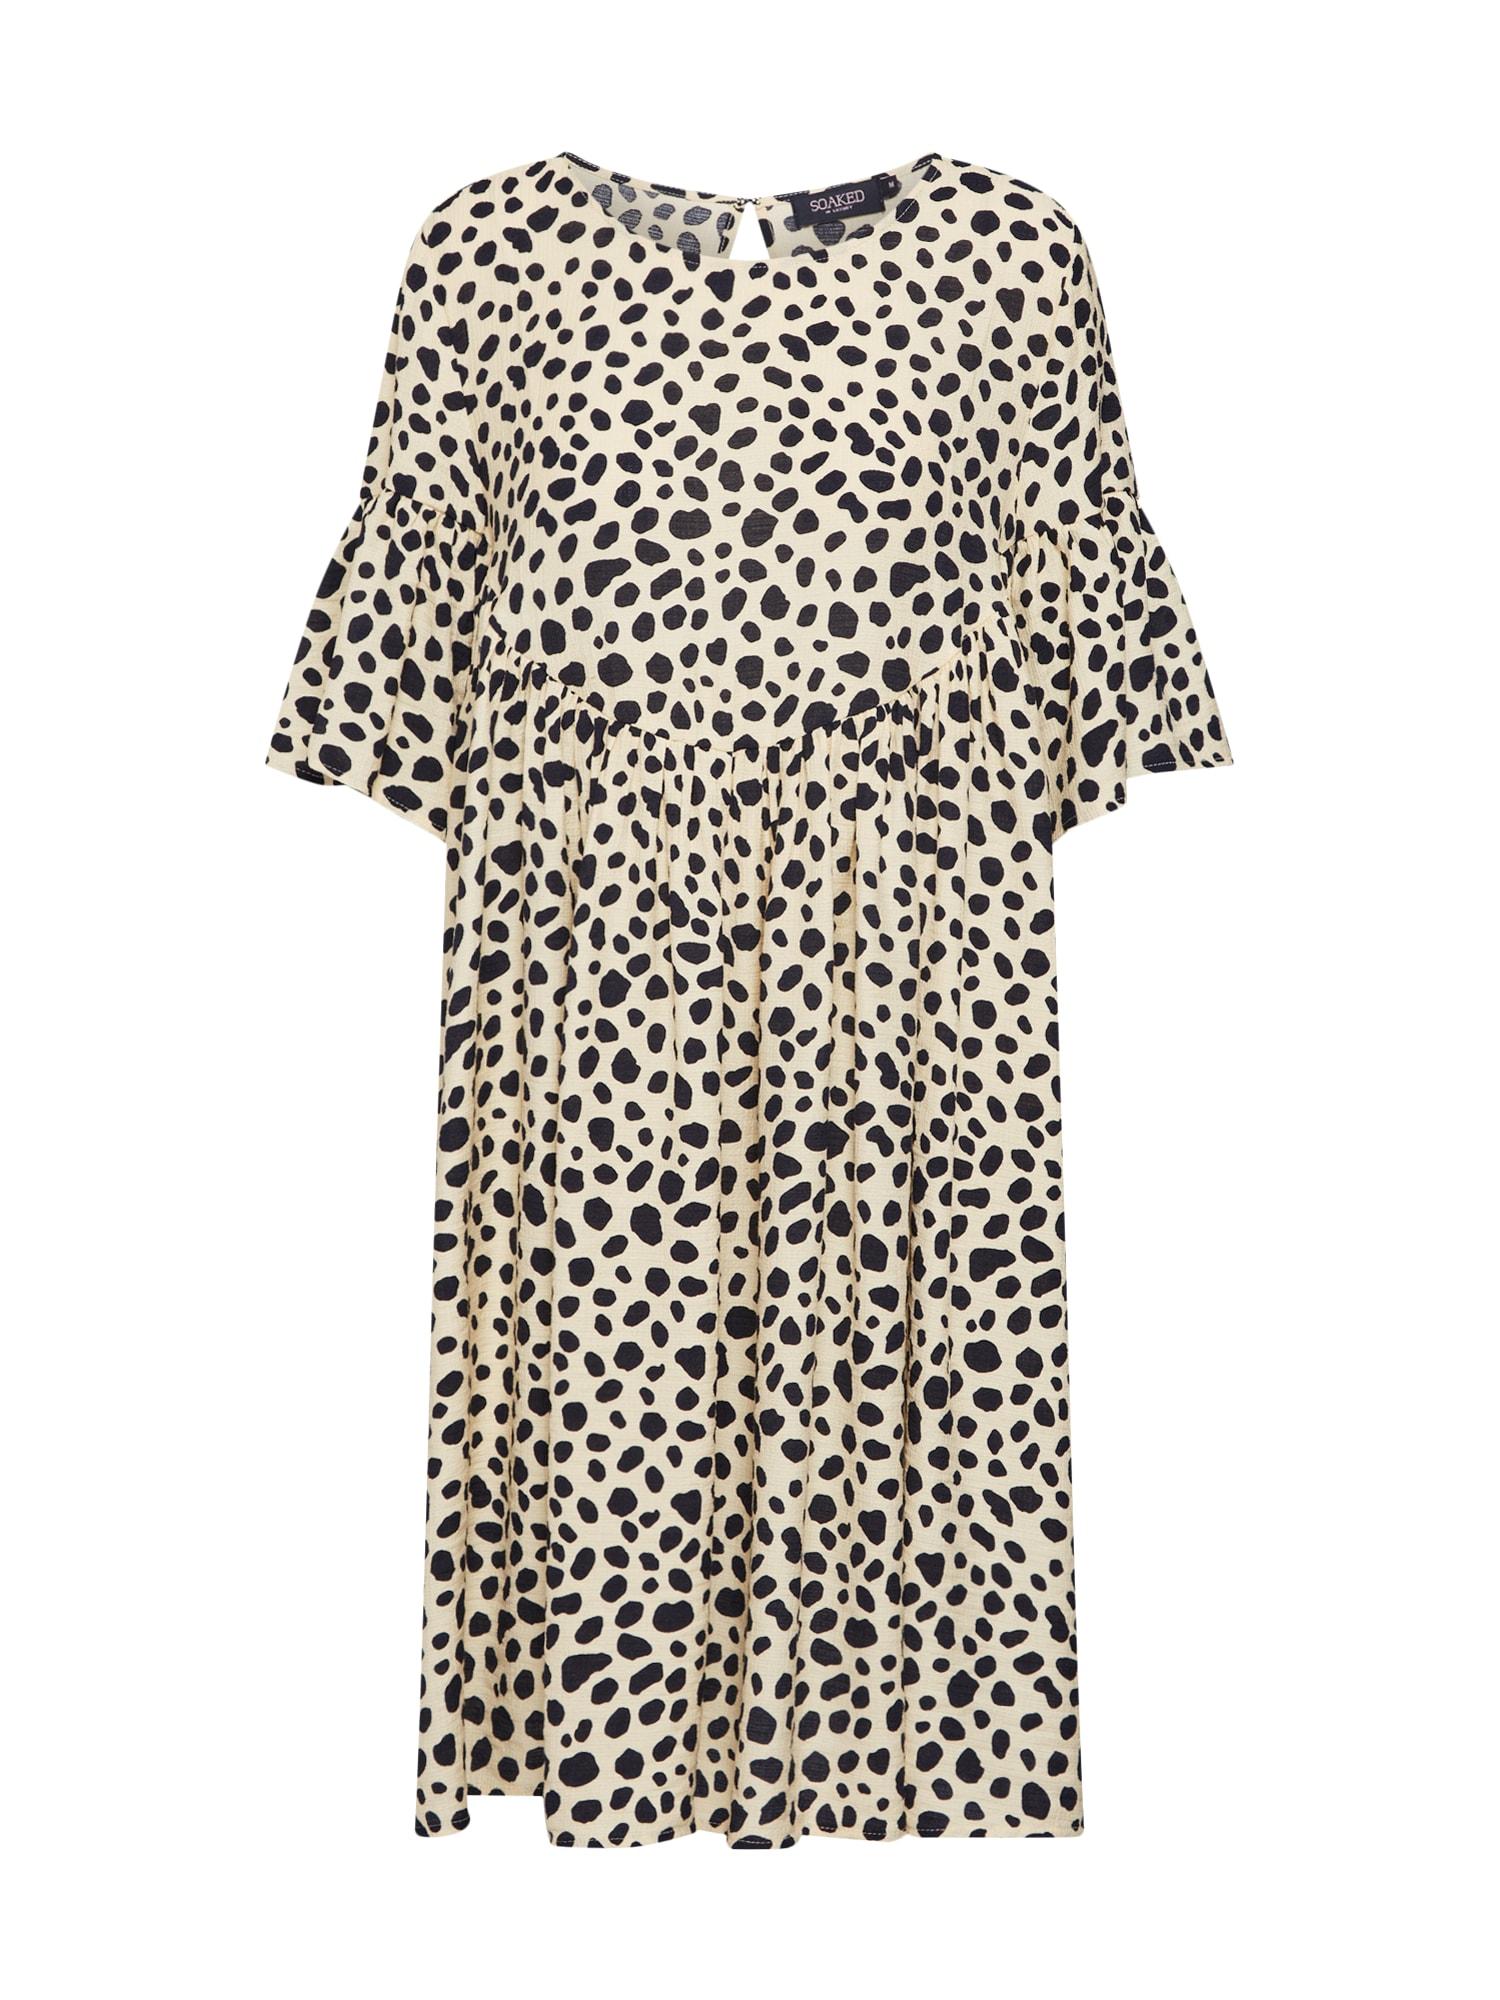 Šaty Mika Dress béžová černá SOAKED IN LUXURY